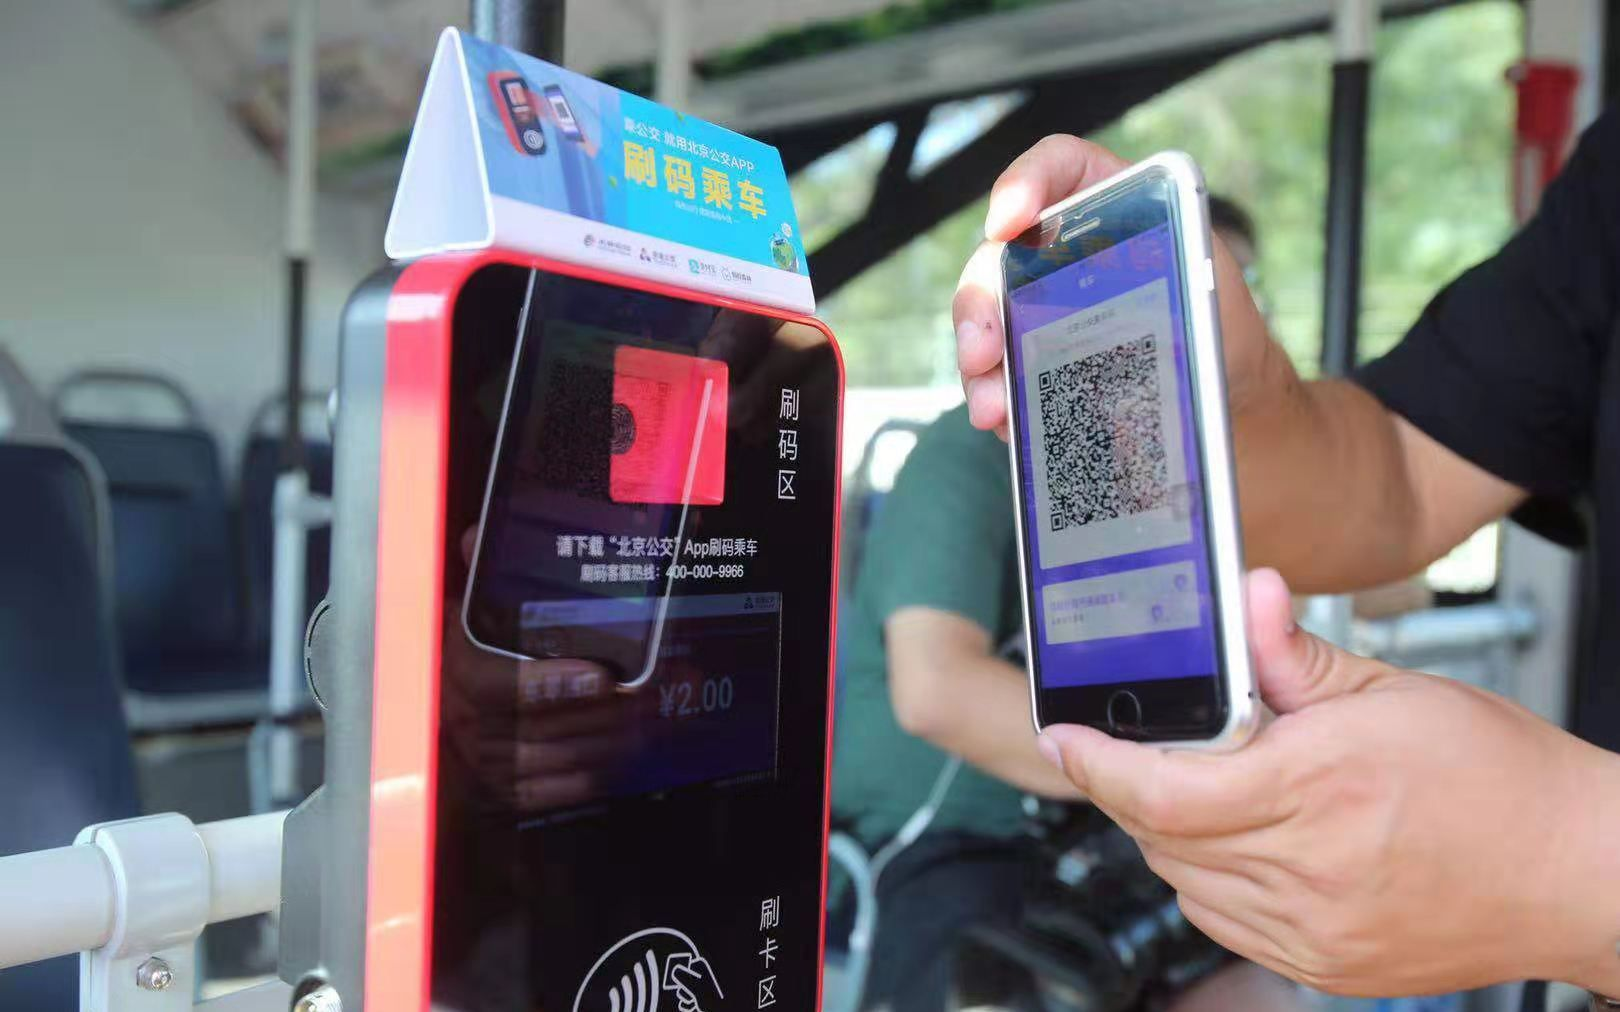 北京公交扫码搭车昔日启用。新京报记者 王贵彬 摄